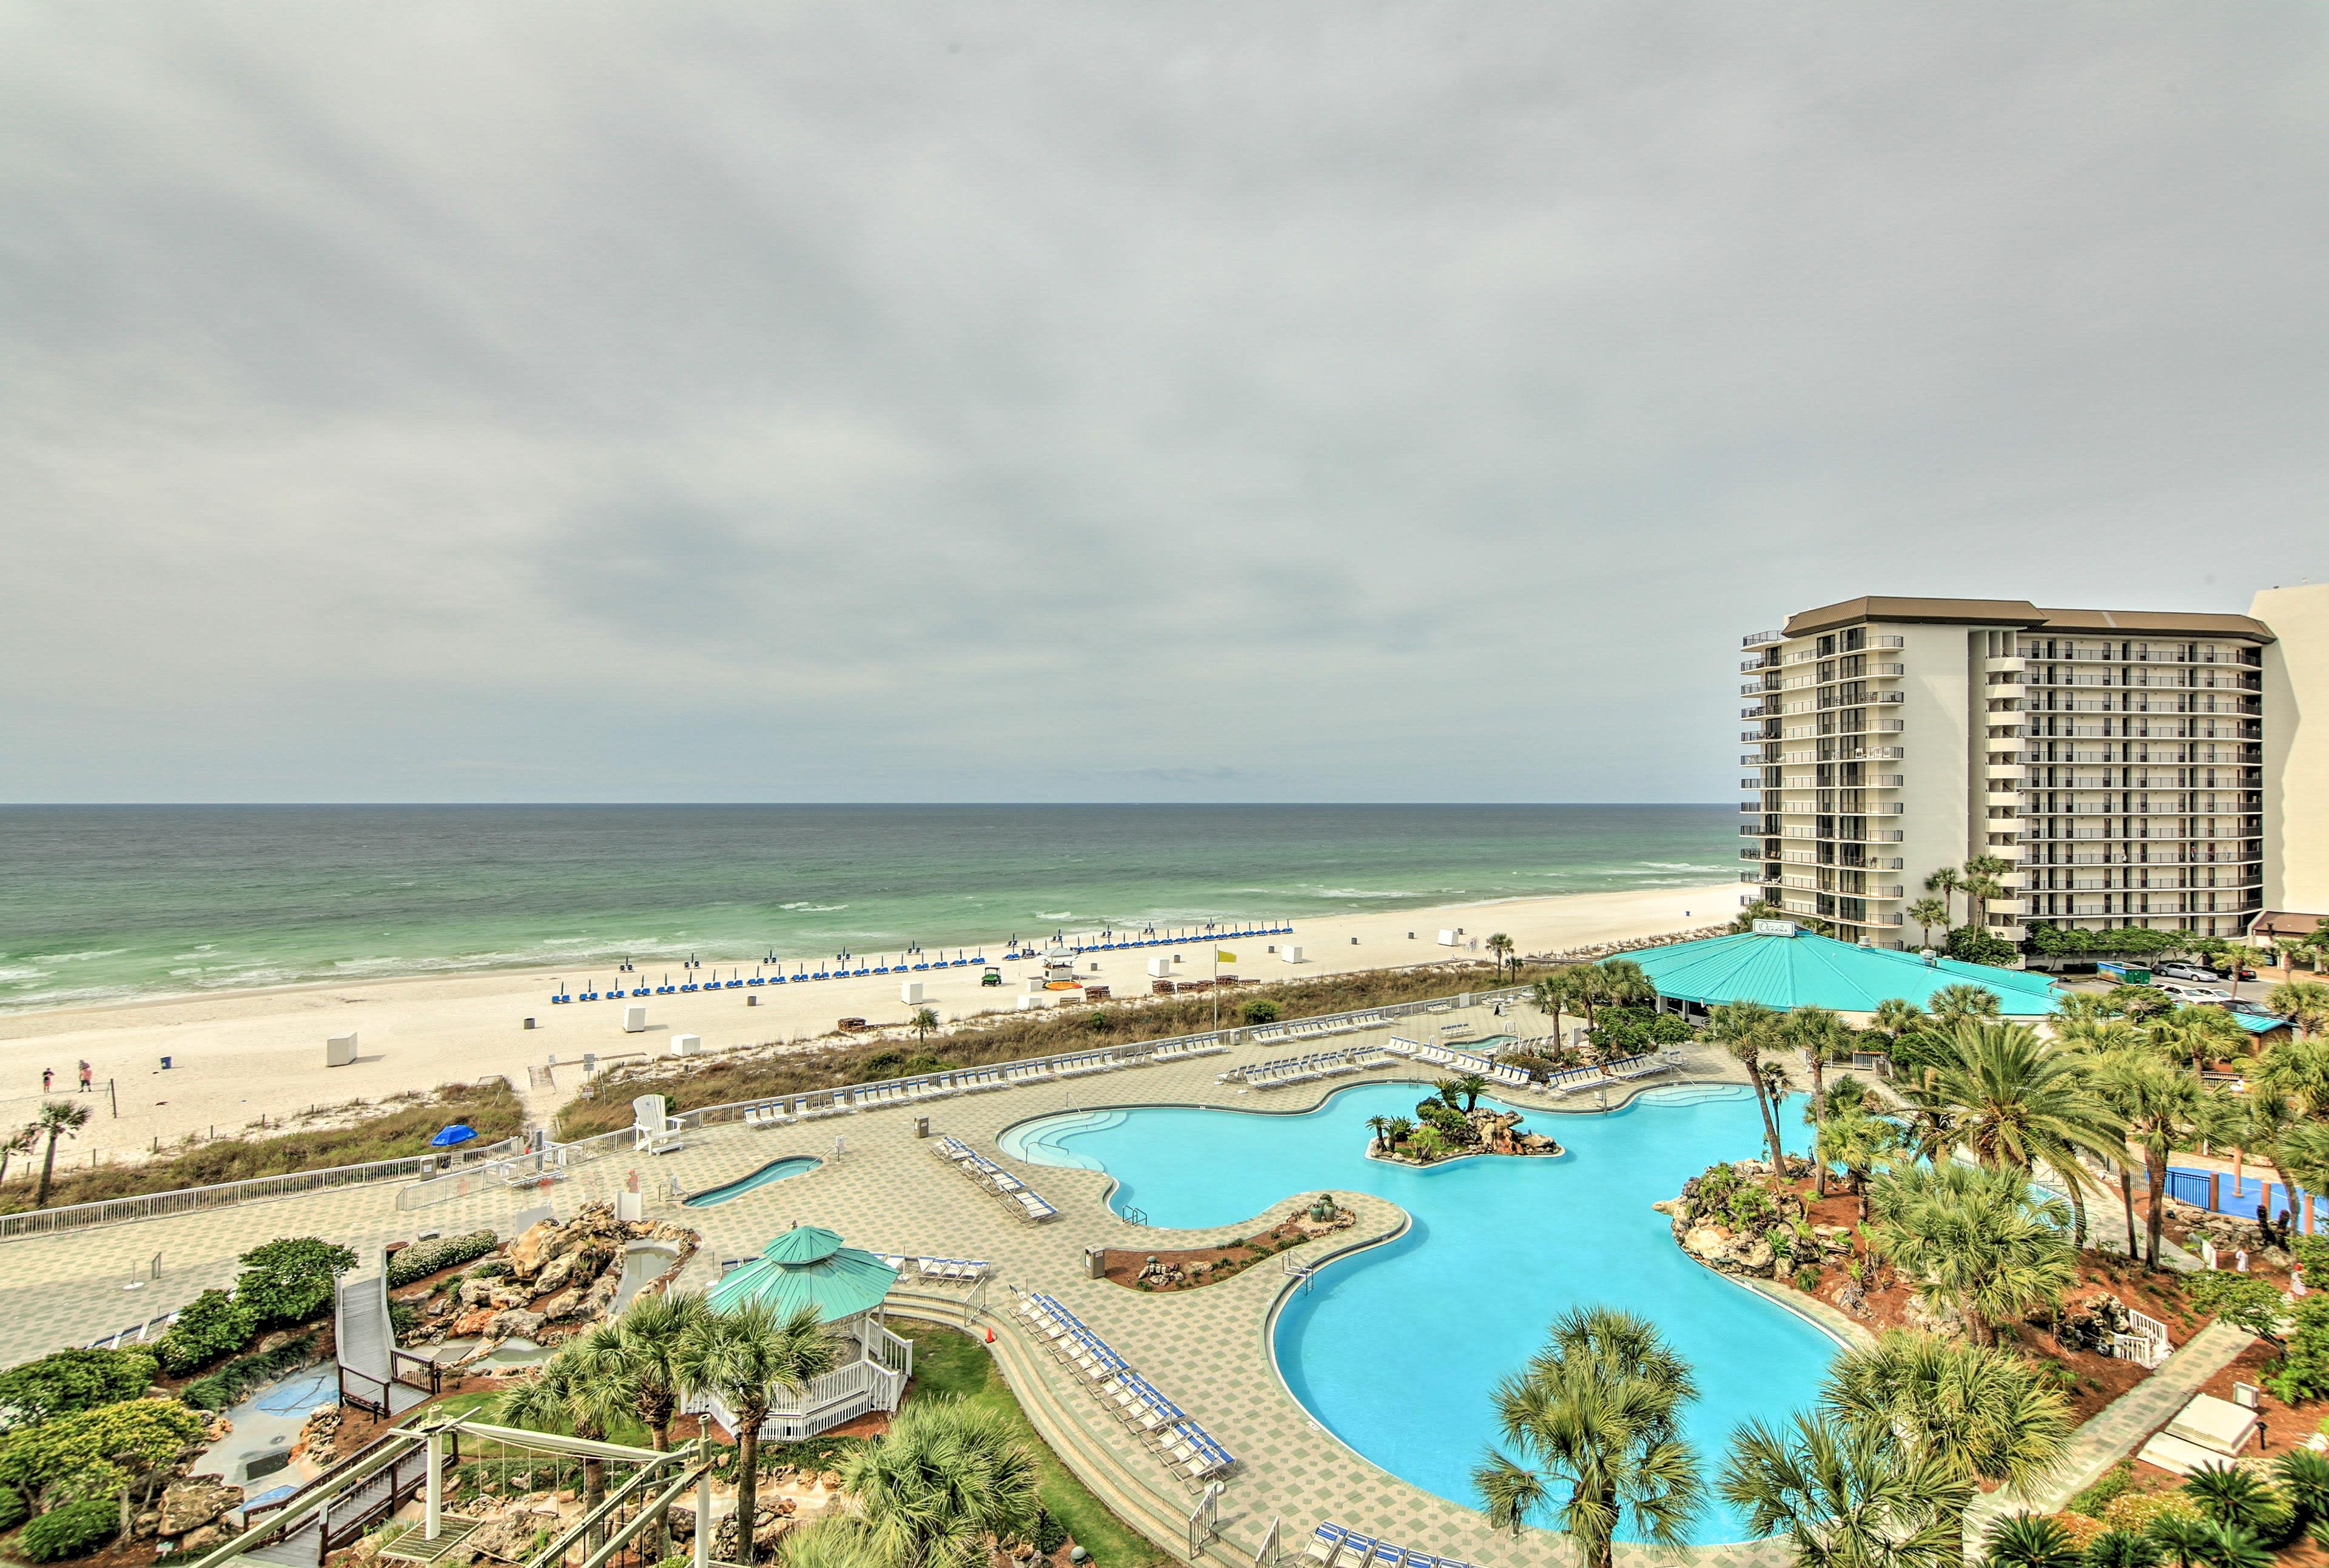 Take full advantage of Edgewater Beach Resort's countless amenities!